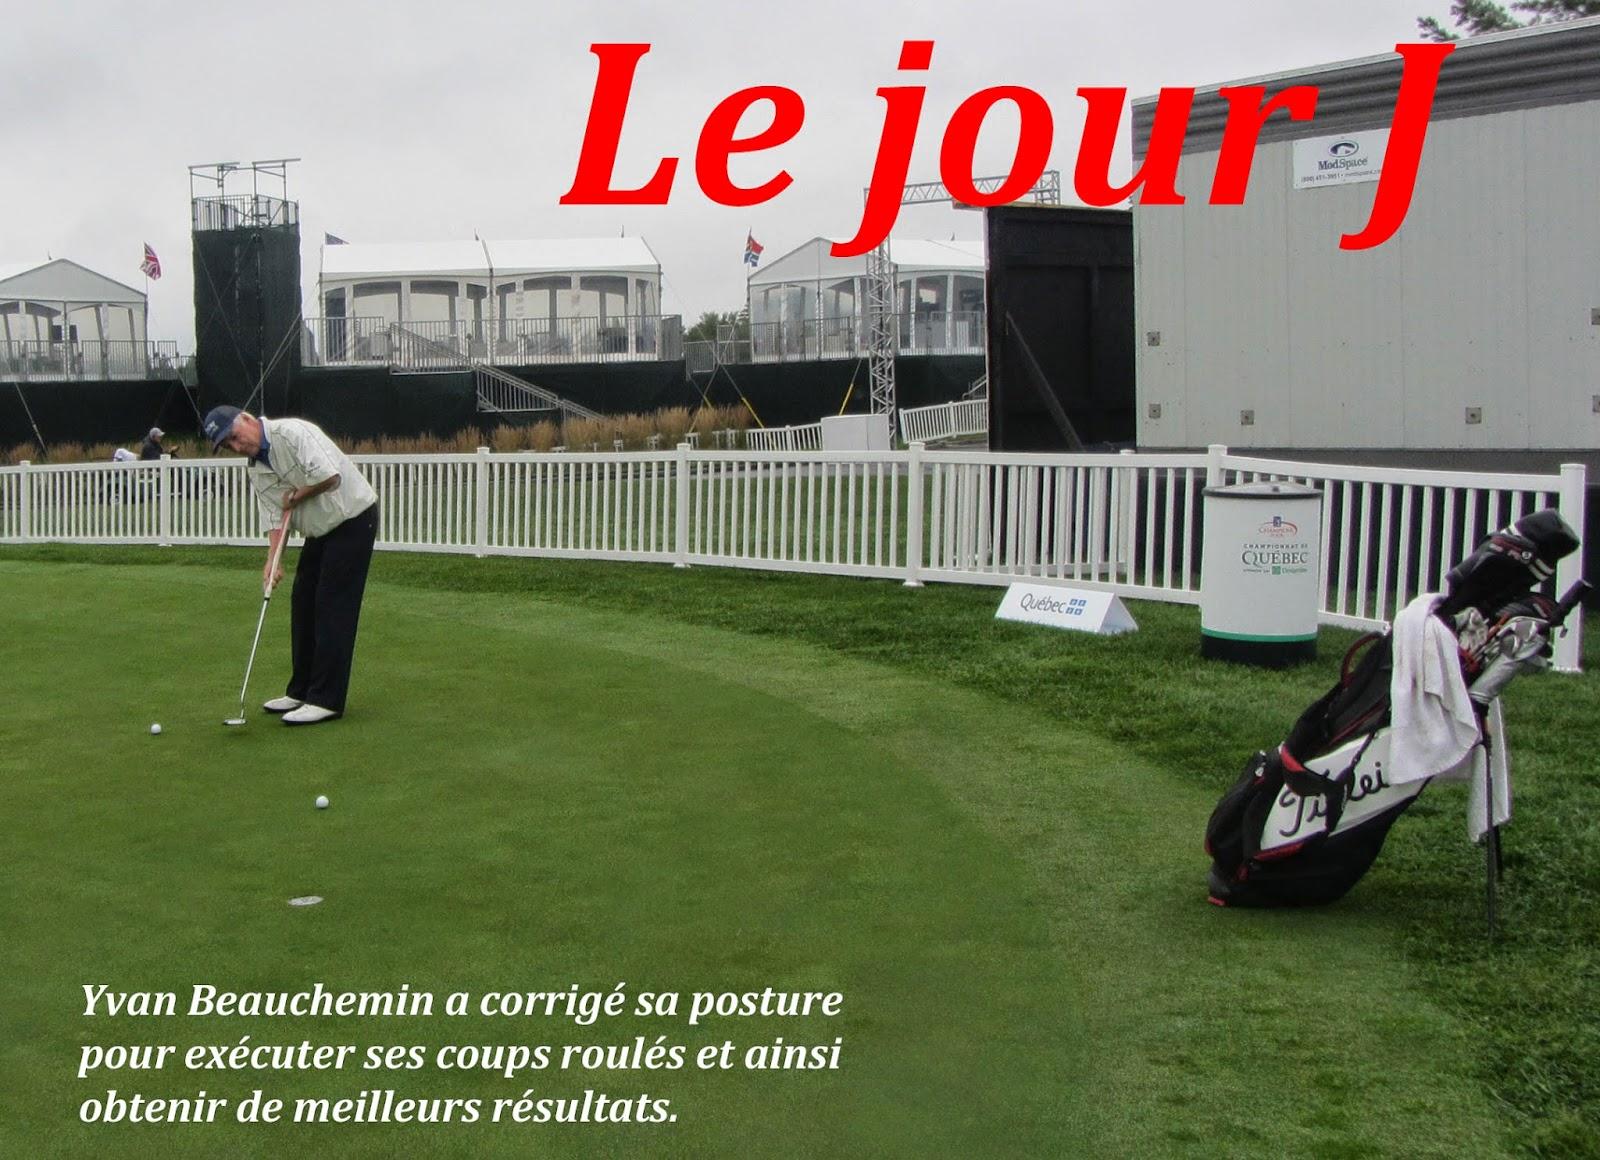 Championnat de Québec 1, Le jour J